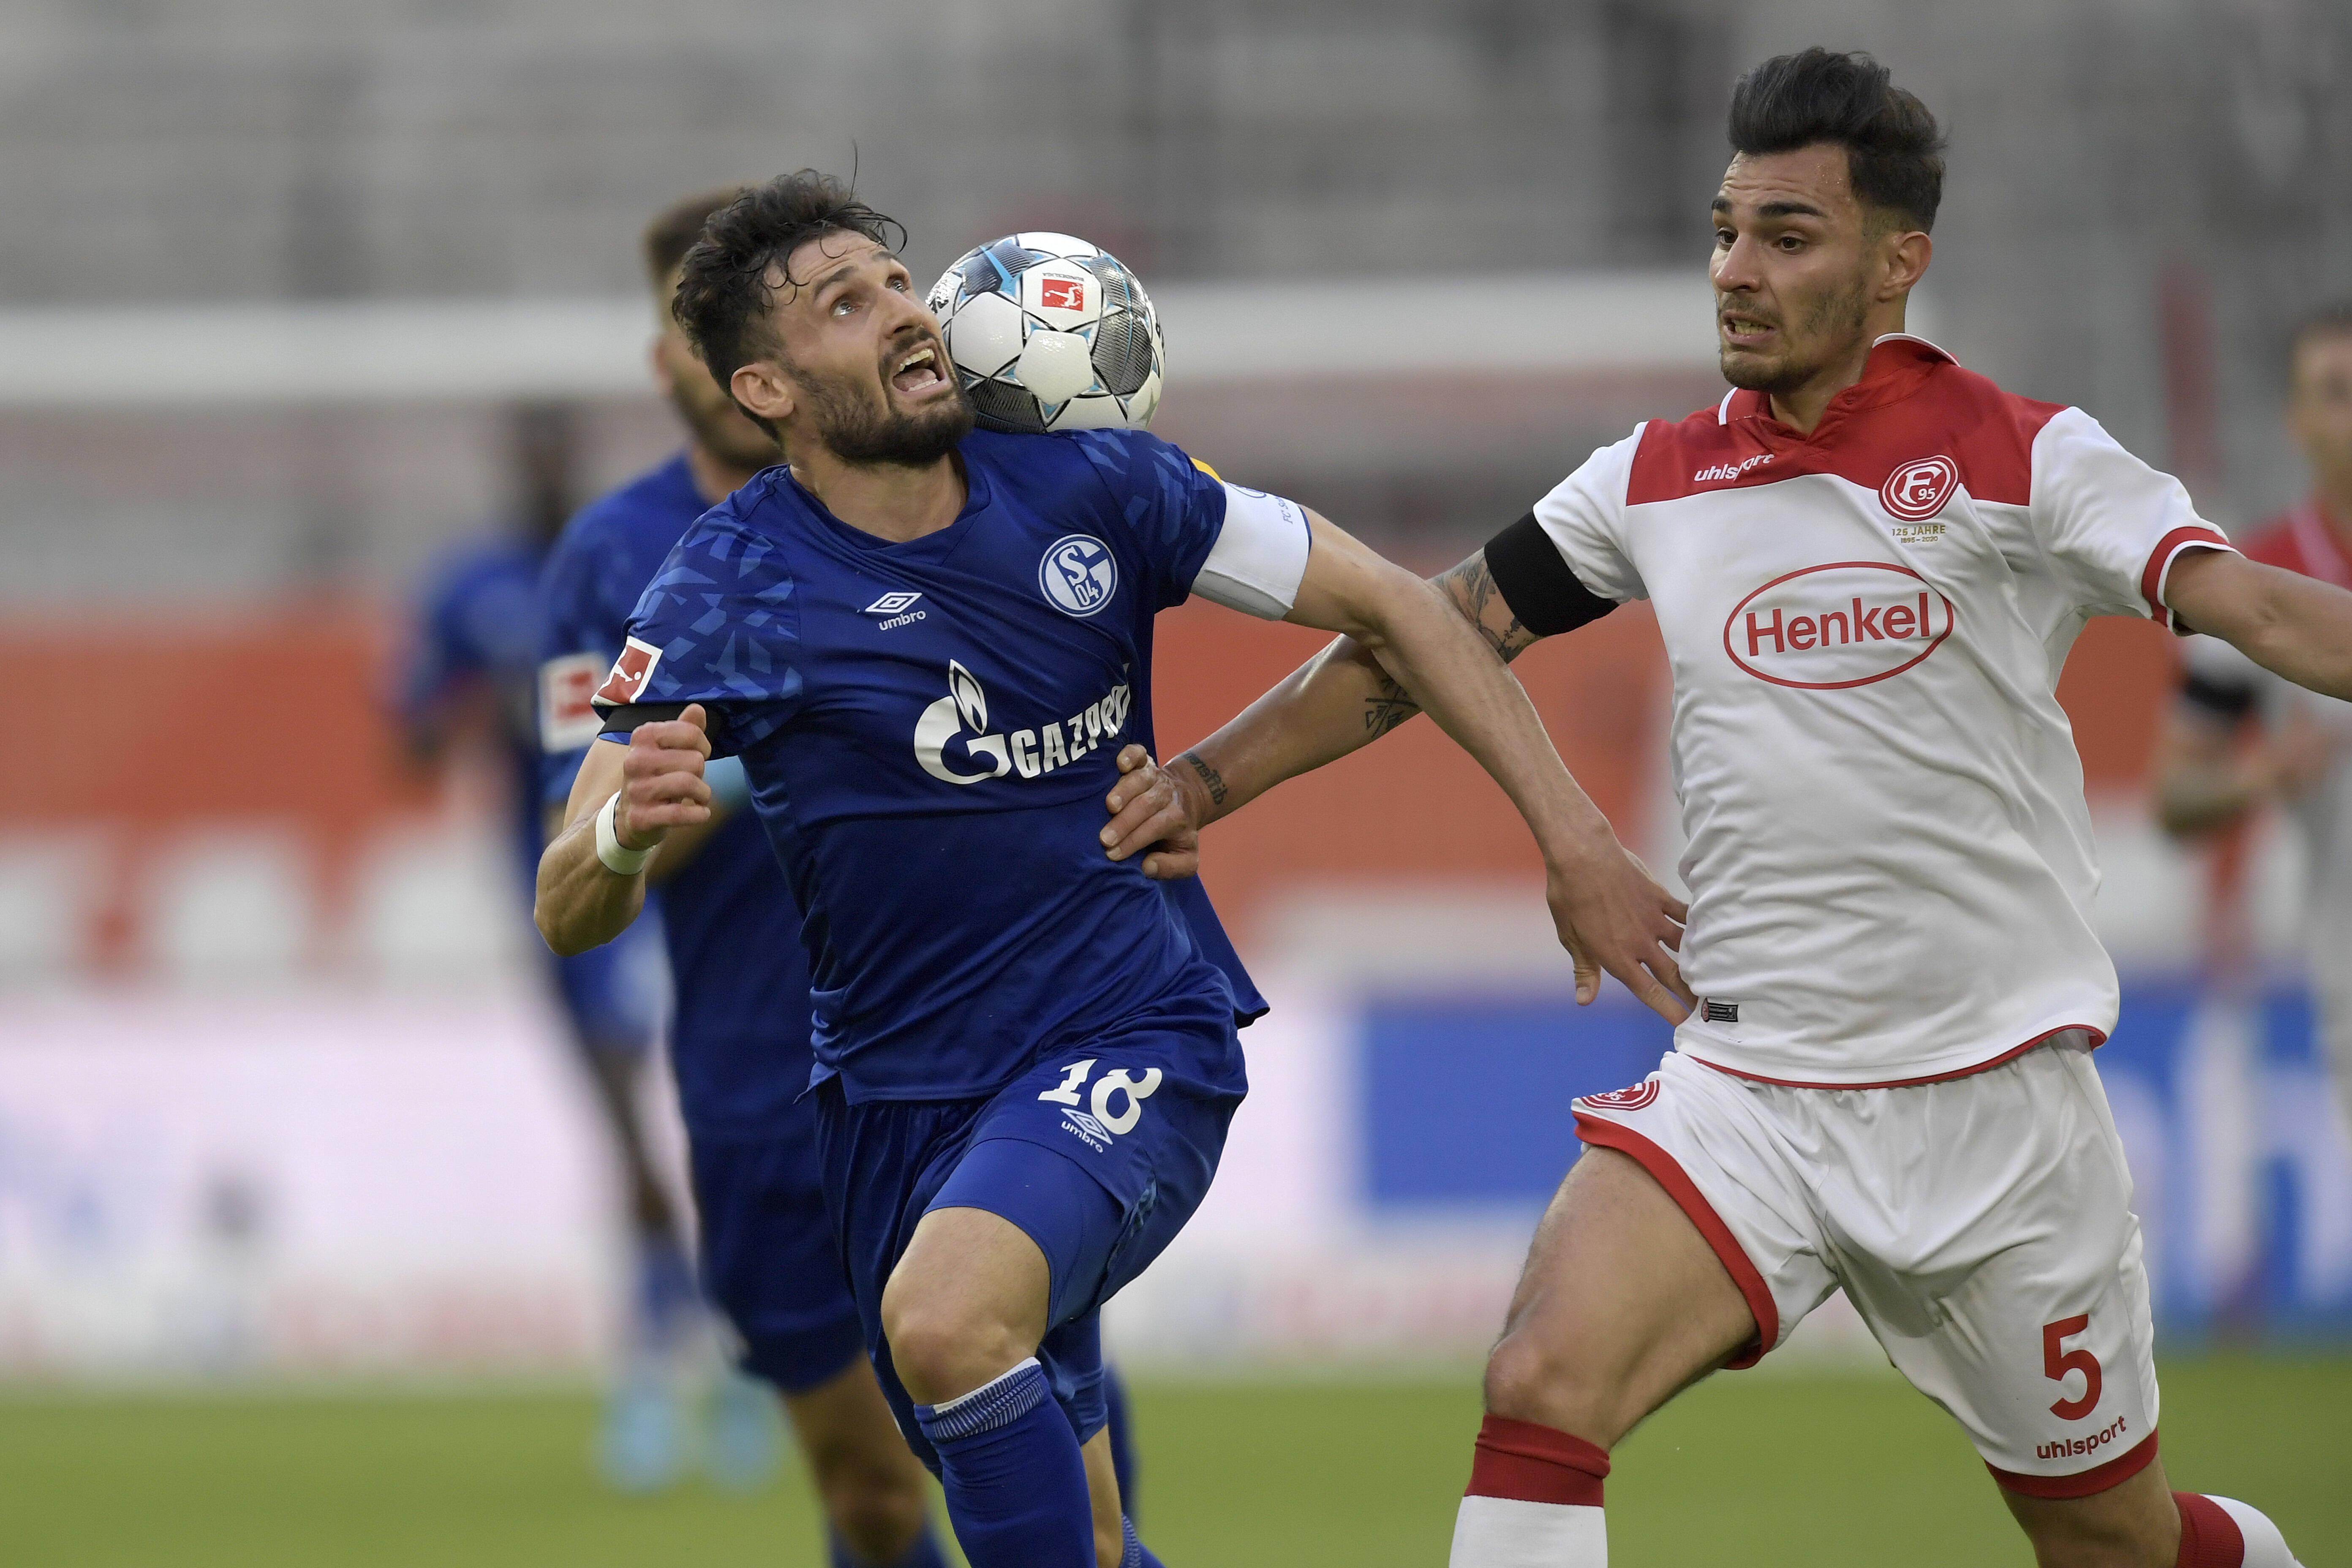 Football - Etranger - Bundesliga : les scores de la 29e journée en direct